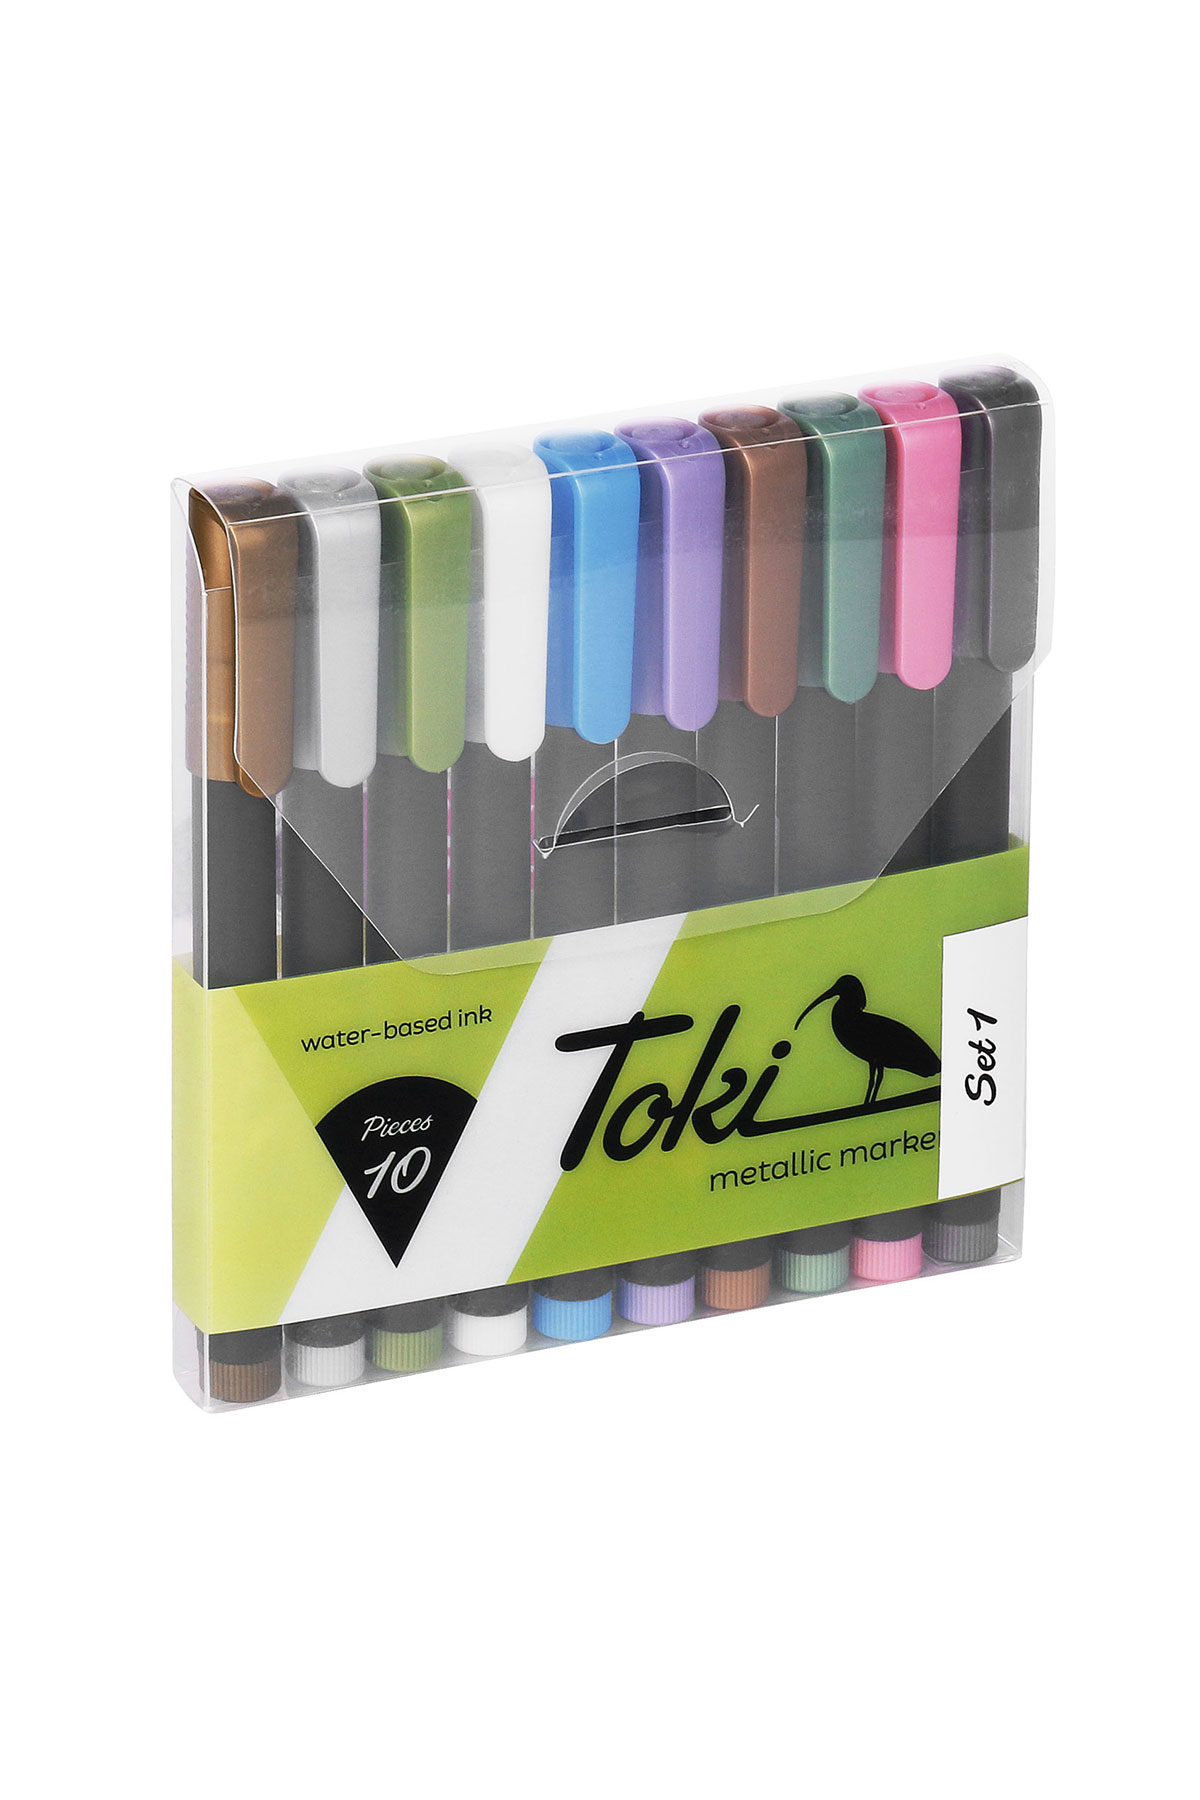 Toki METALLICMARKER 10 Set 1